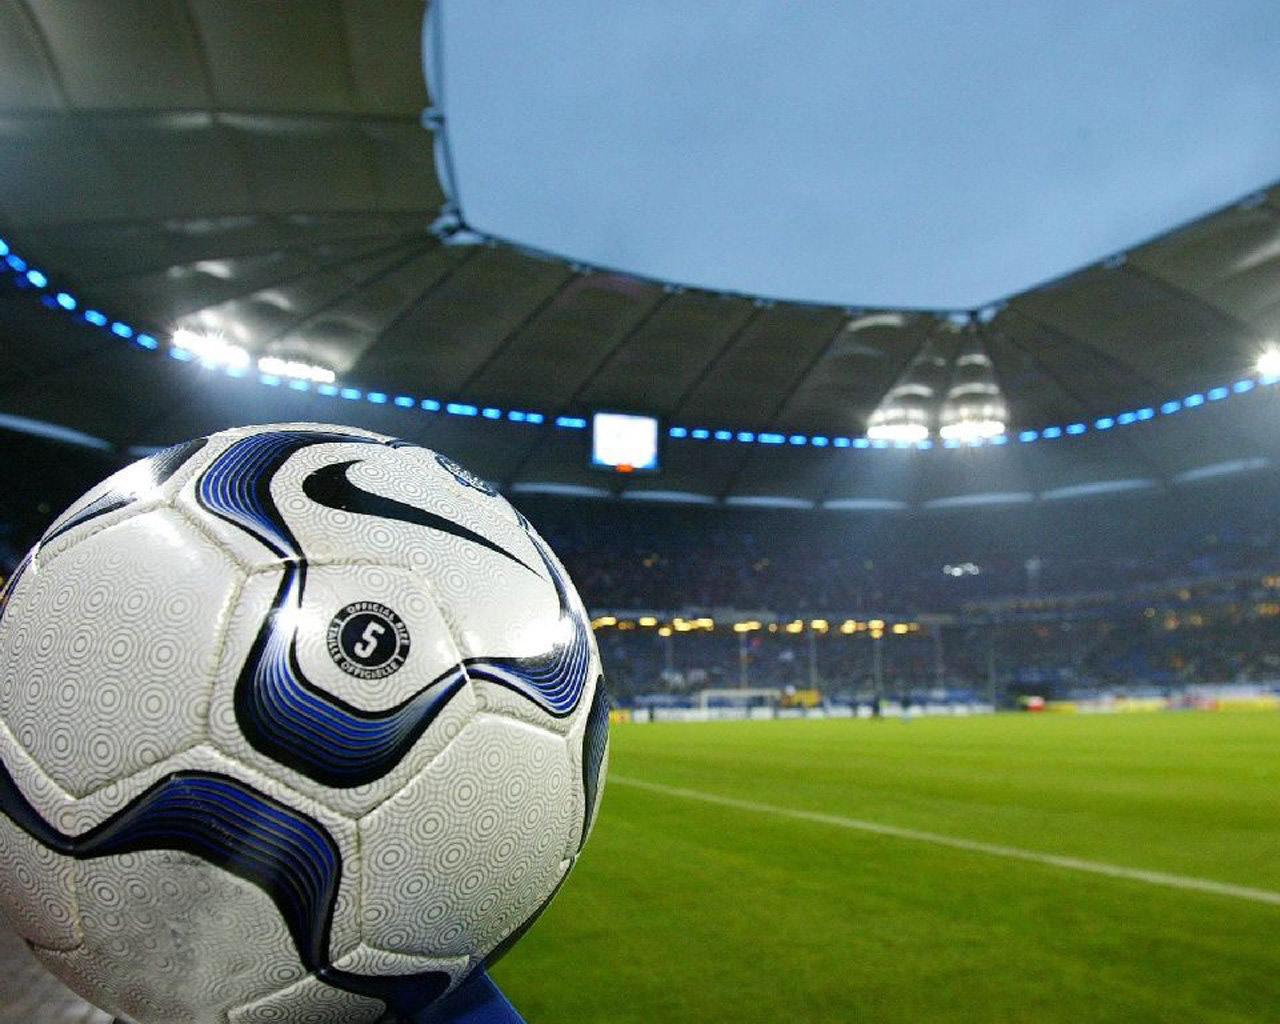 Imagenes Que Se Mueven De Futbol - Imágenes que se Mueven del Fútbol